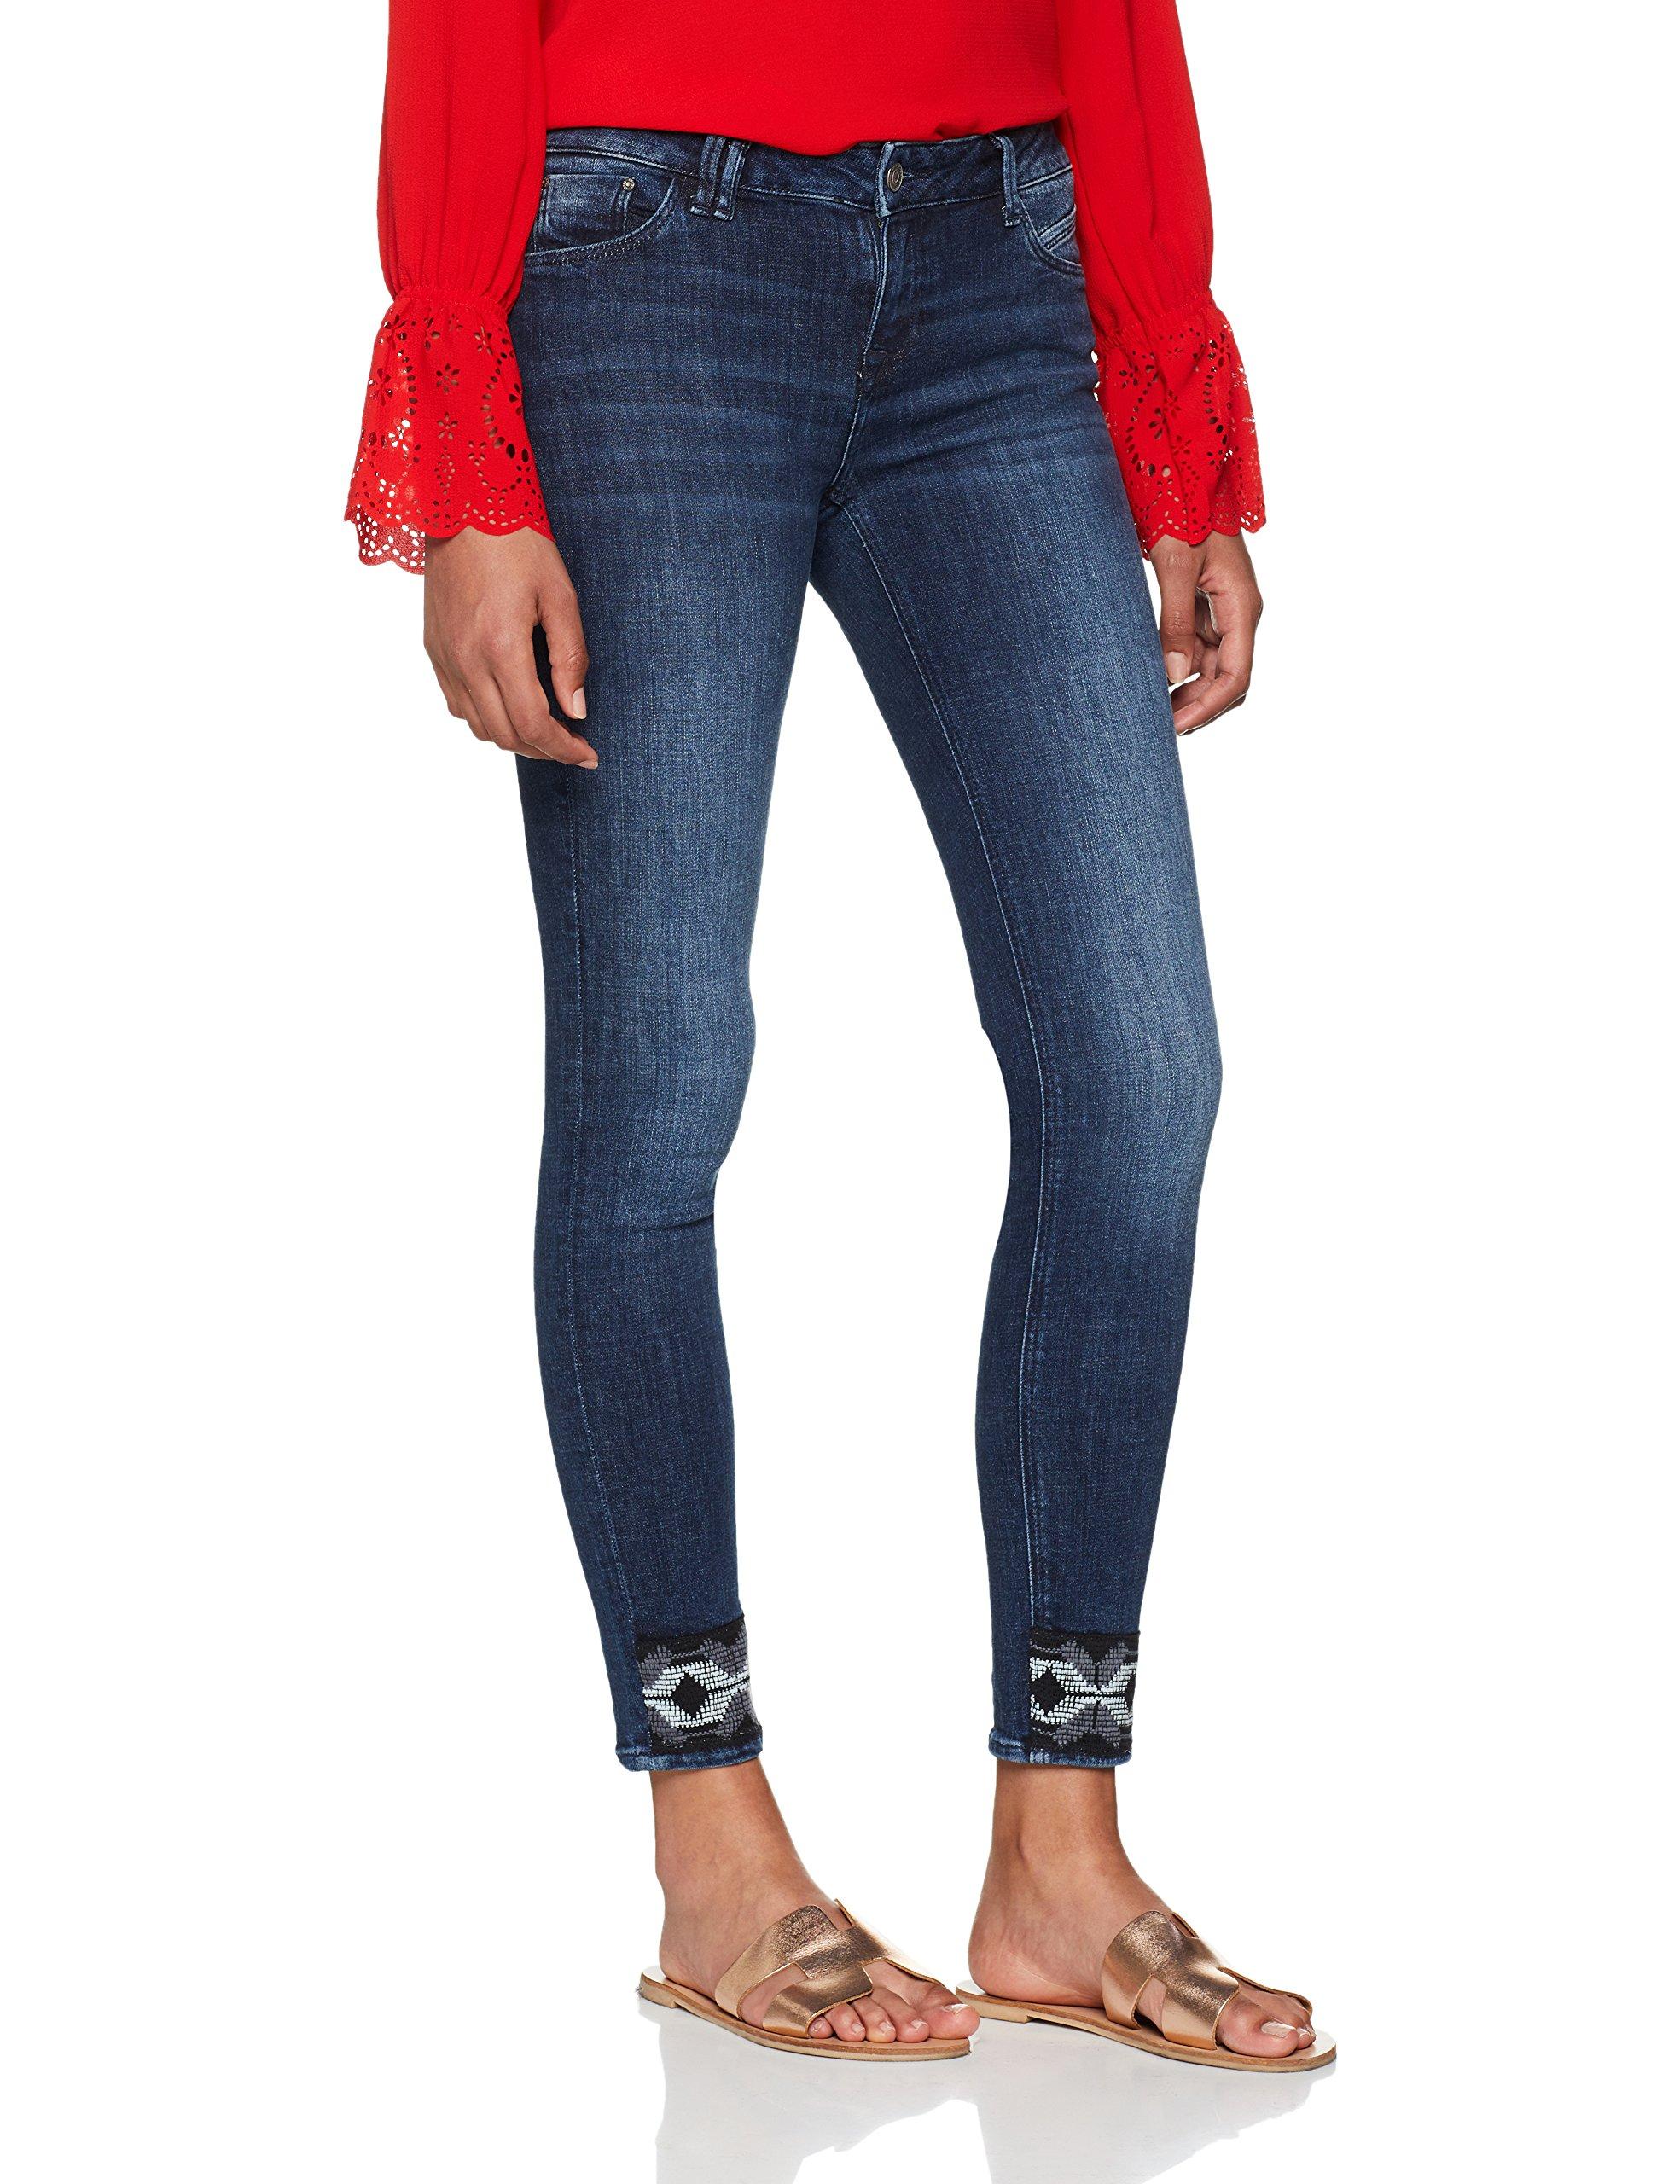 Cross Skinny FemmeBlaudark GiselleJean Blue 009W29 Y6fgb7y